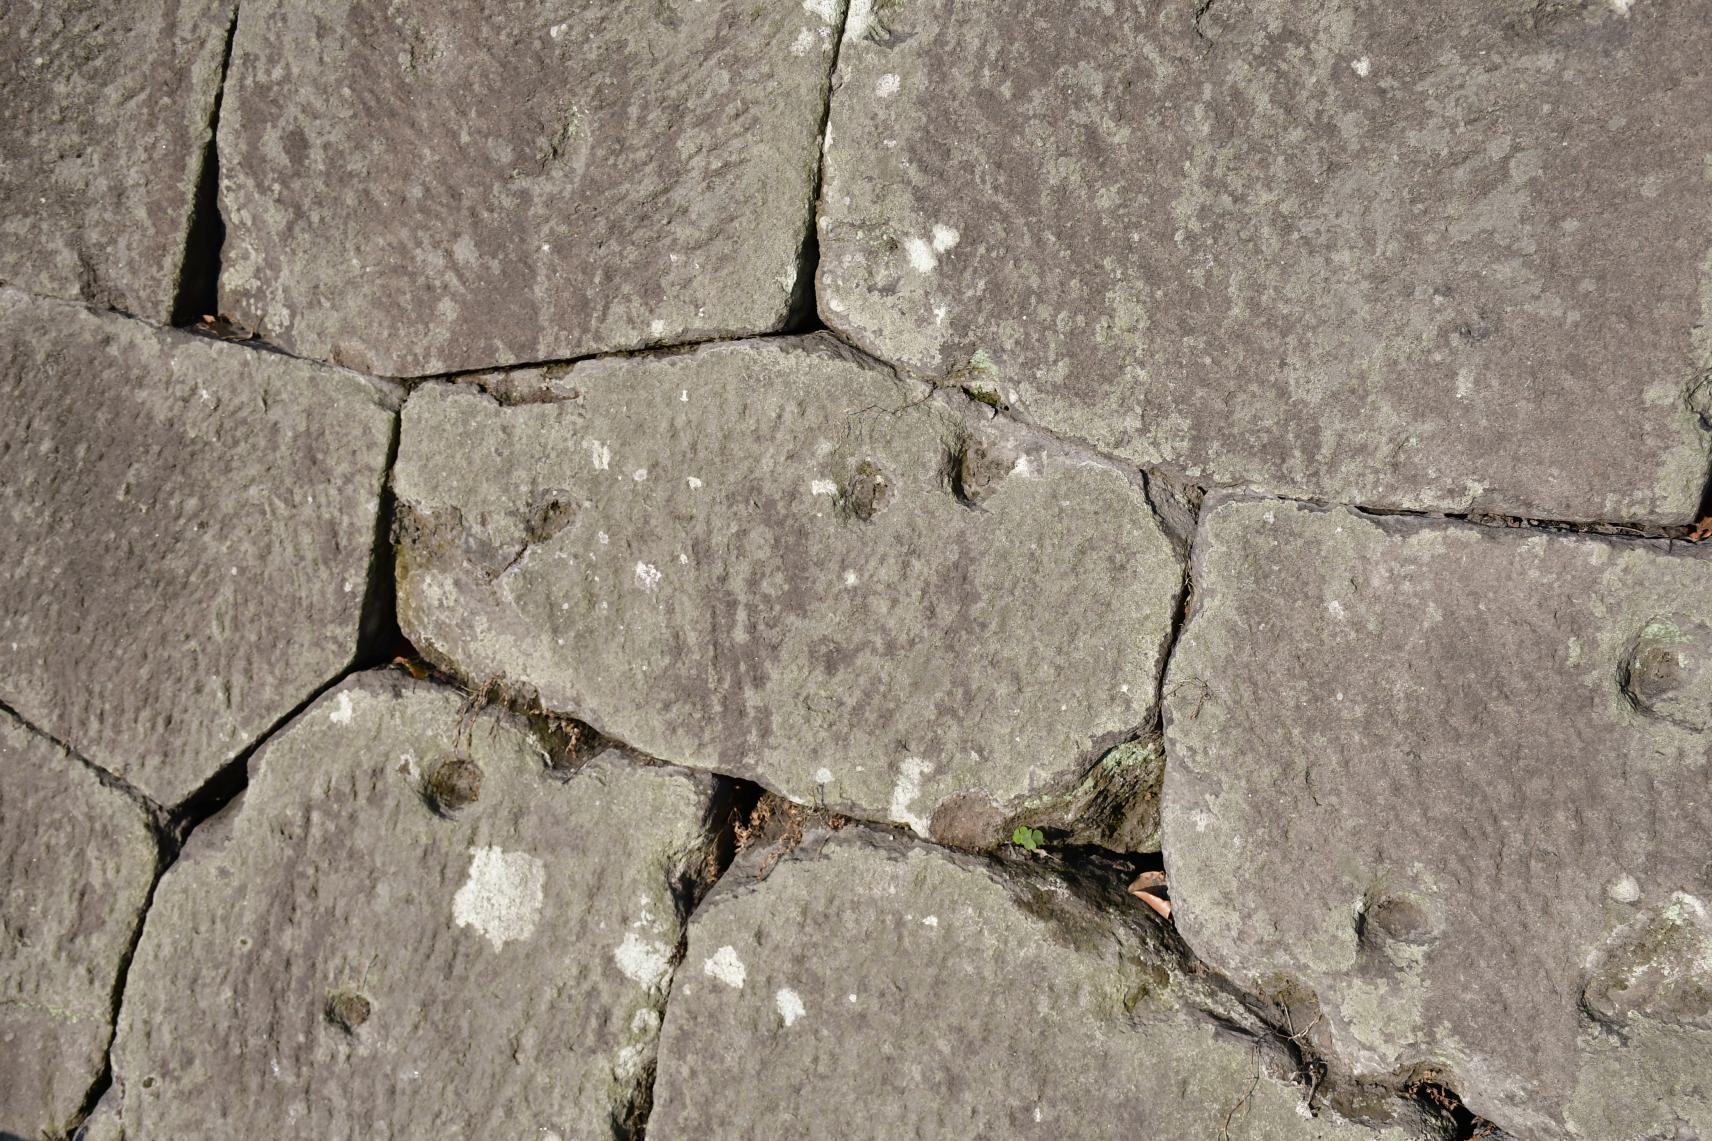 西南戦争の銃弾跡 | 観光スポット | 【公式】鹿児島市の観光・旅行情報 ...